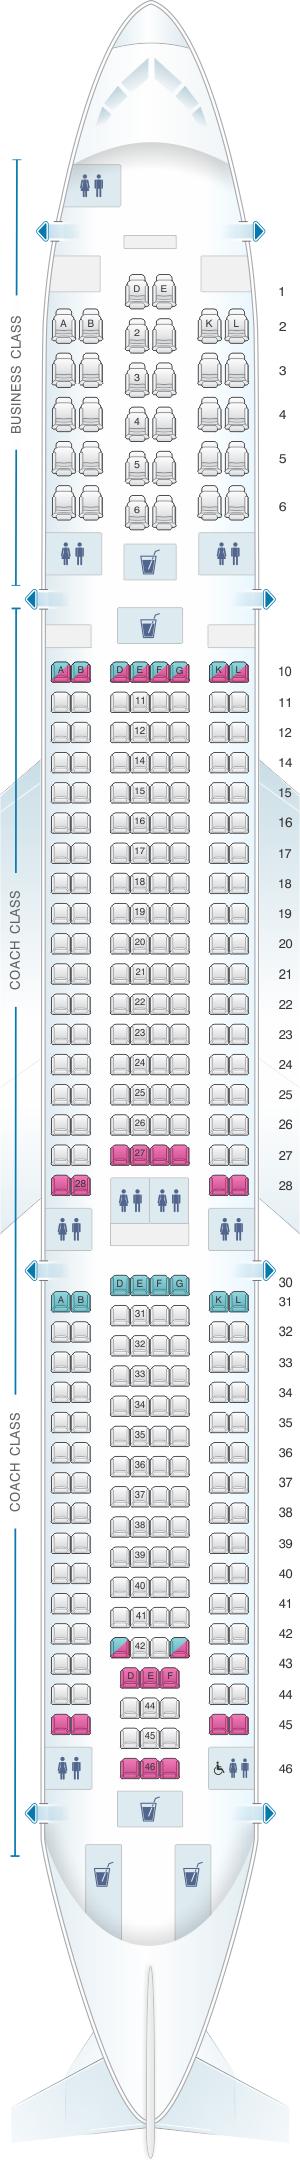 TAHITI TÉLÉCHARGER AIR A340 NUI 300